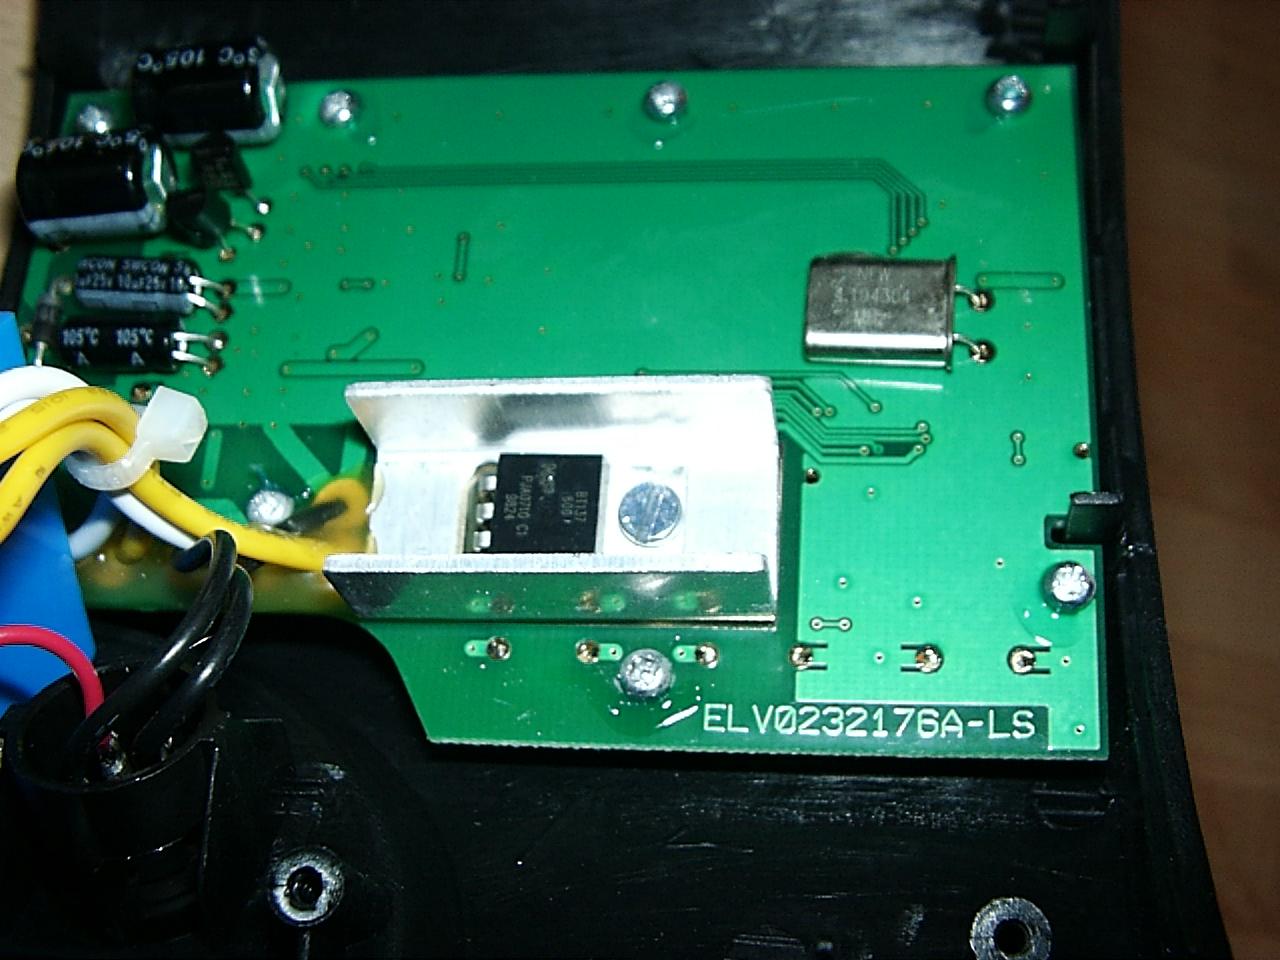 RDS-80 verhält sich seltsam - Mikrocontroller.net